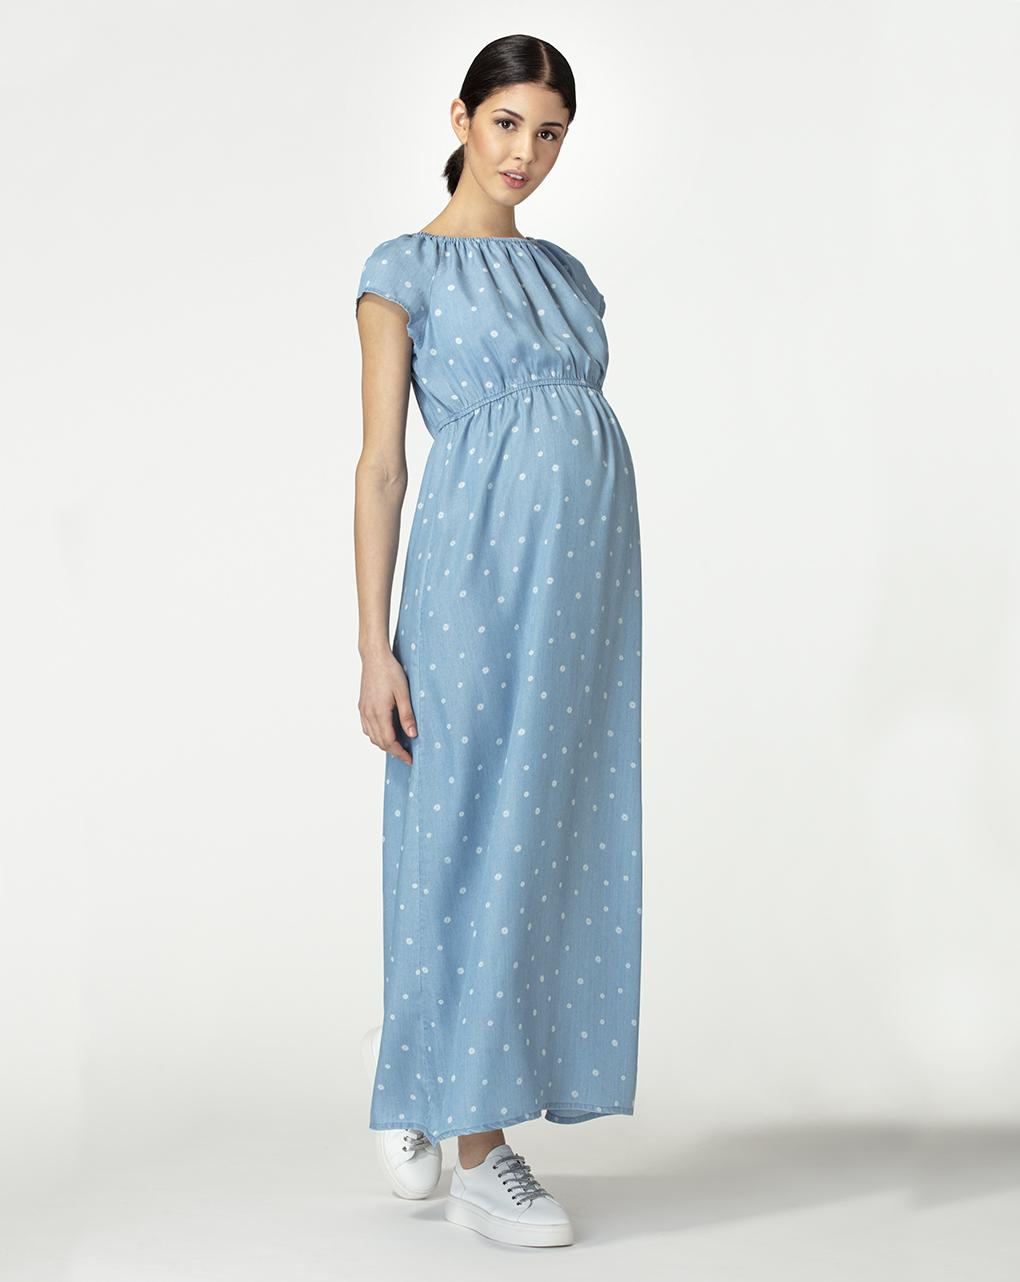 Γυναικείο Φόρεμα Μακρύ Μπλε με Λουλουδάκια